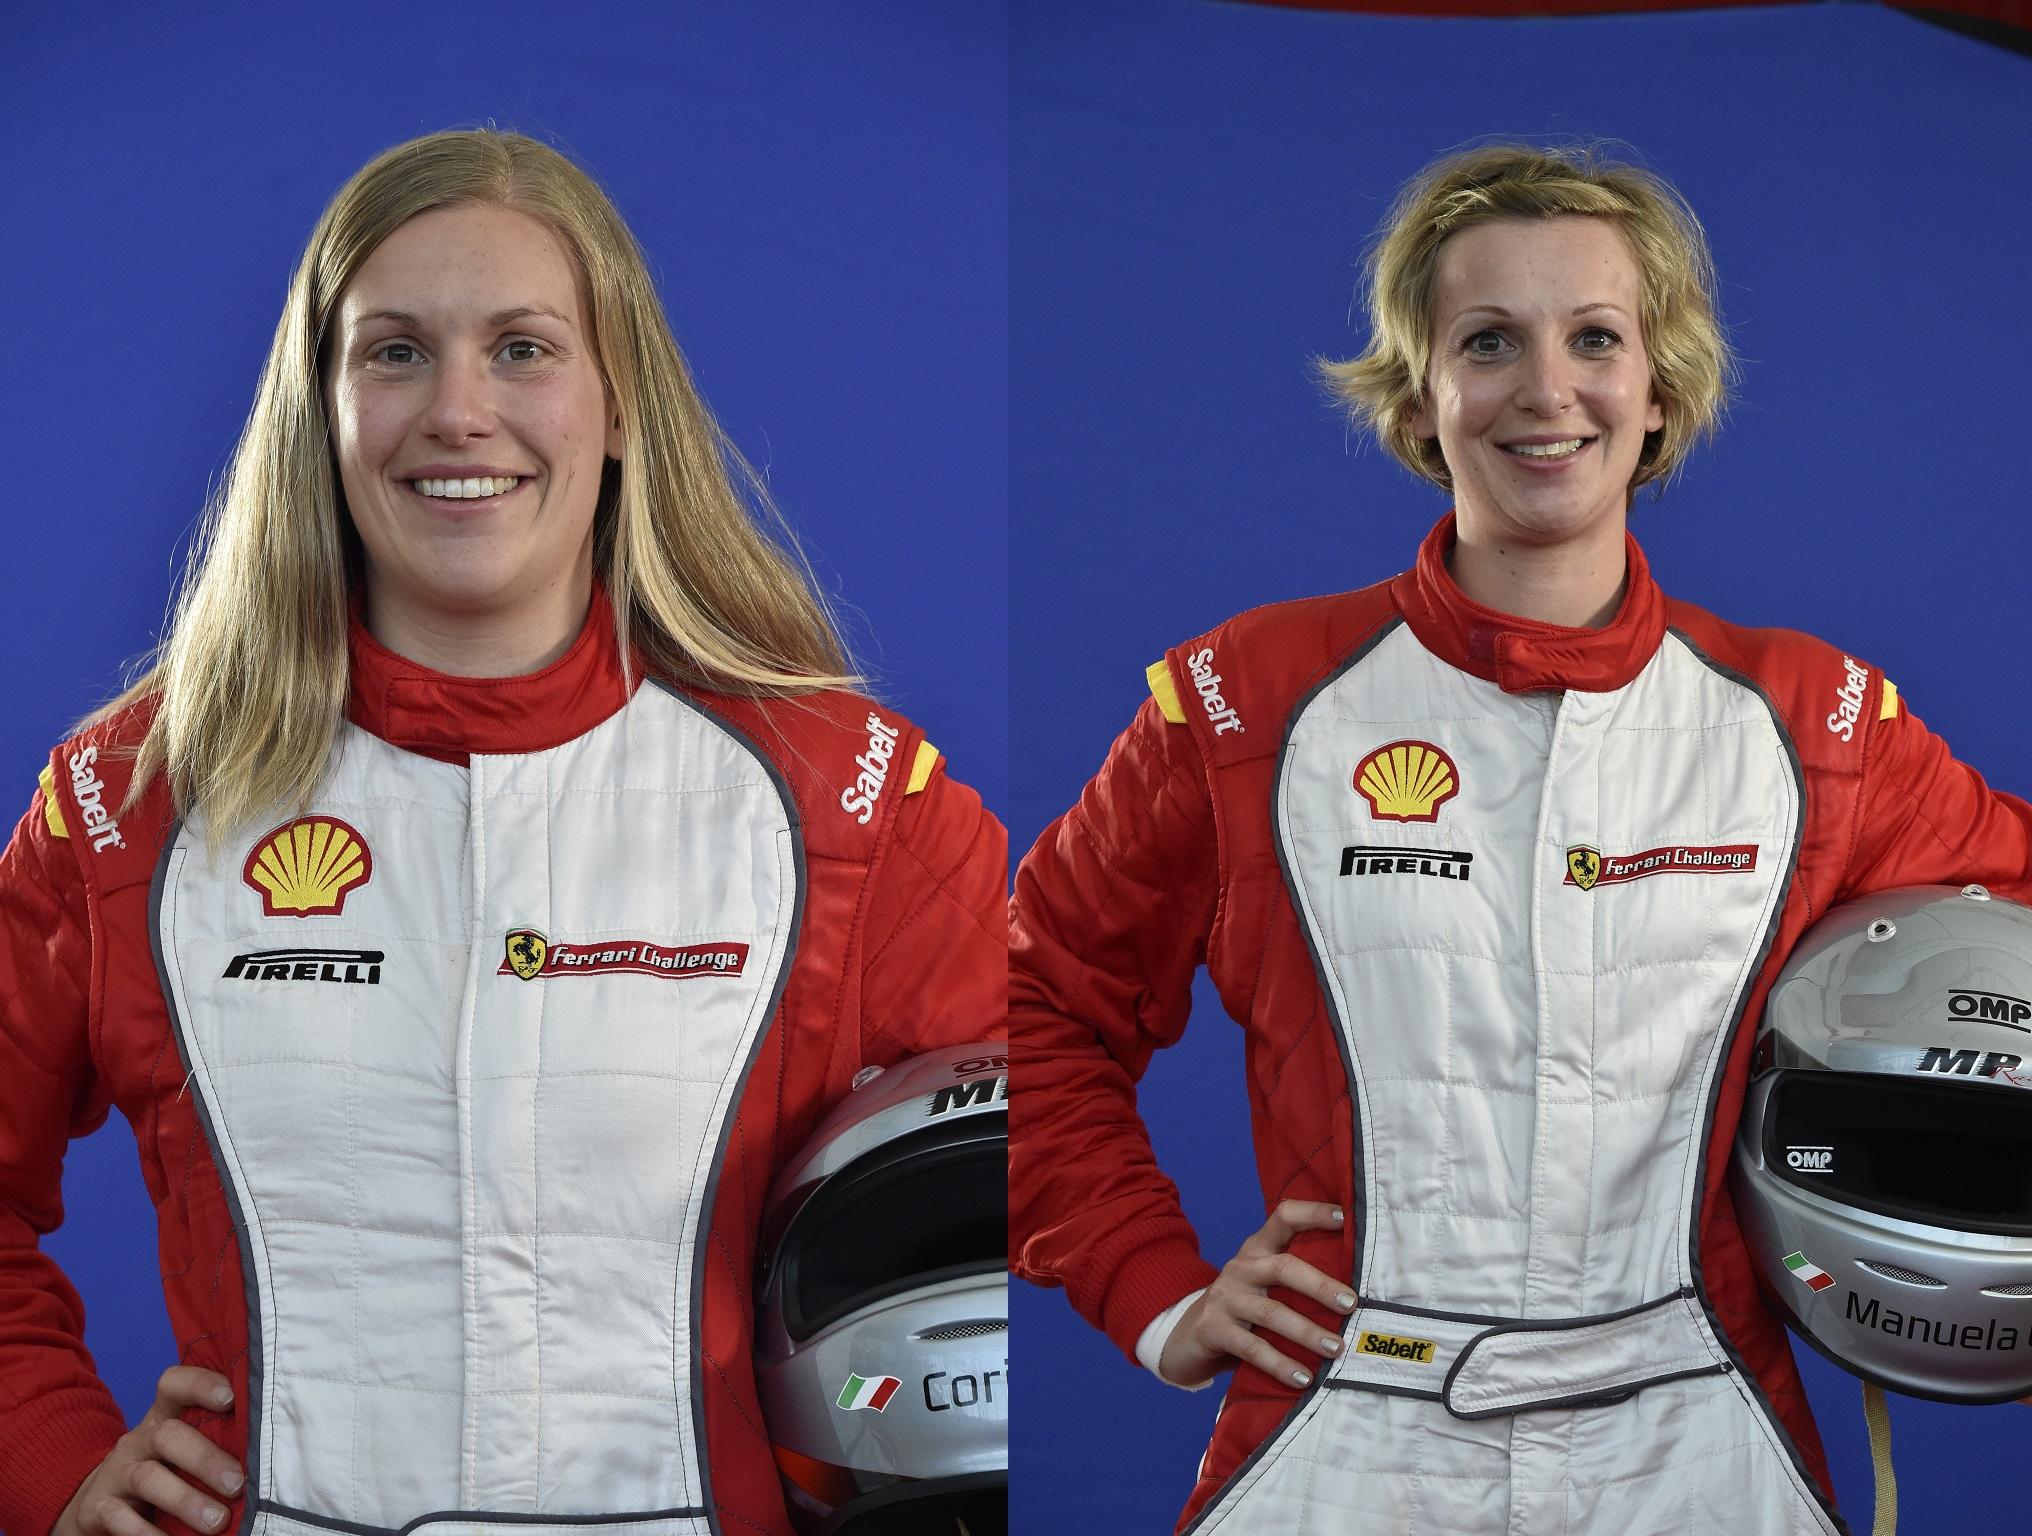 Corinna e Manuela, sorelle da corsa